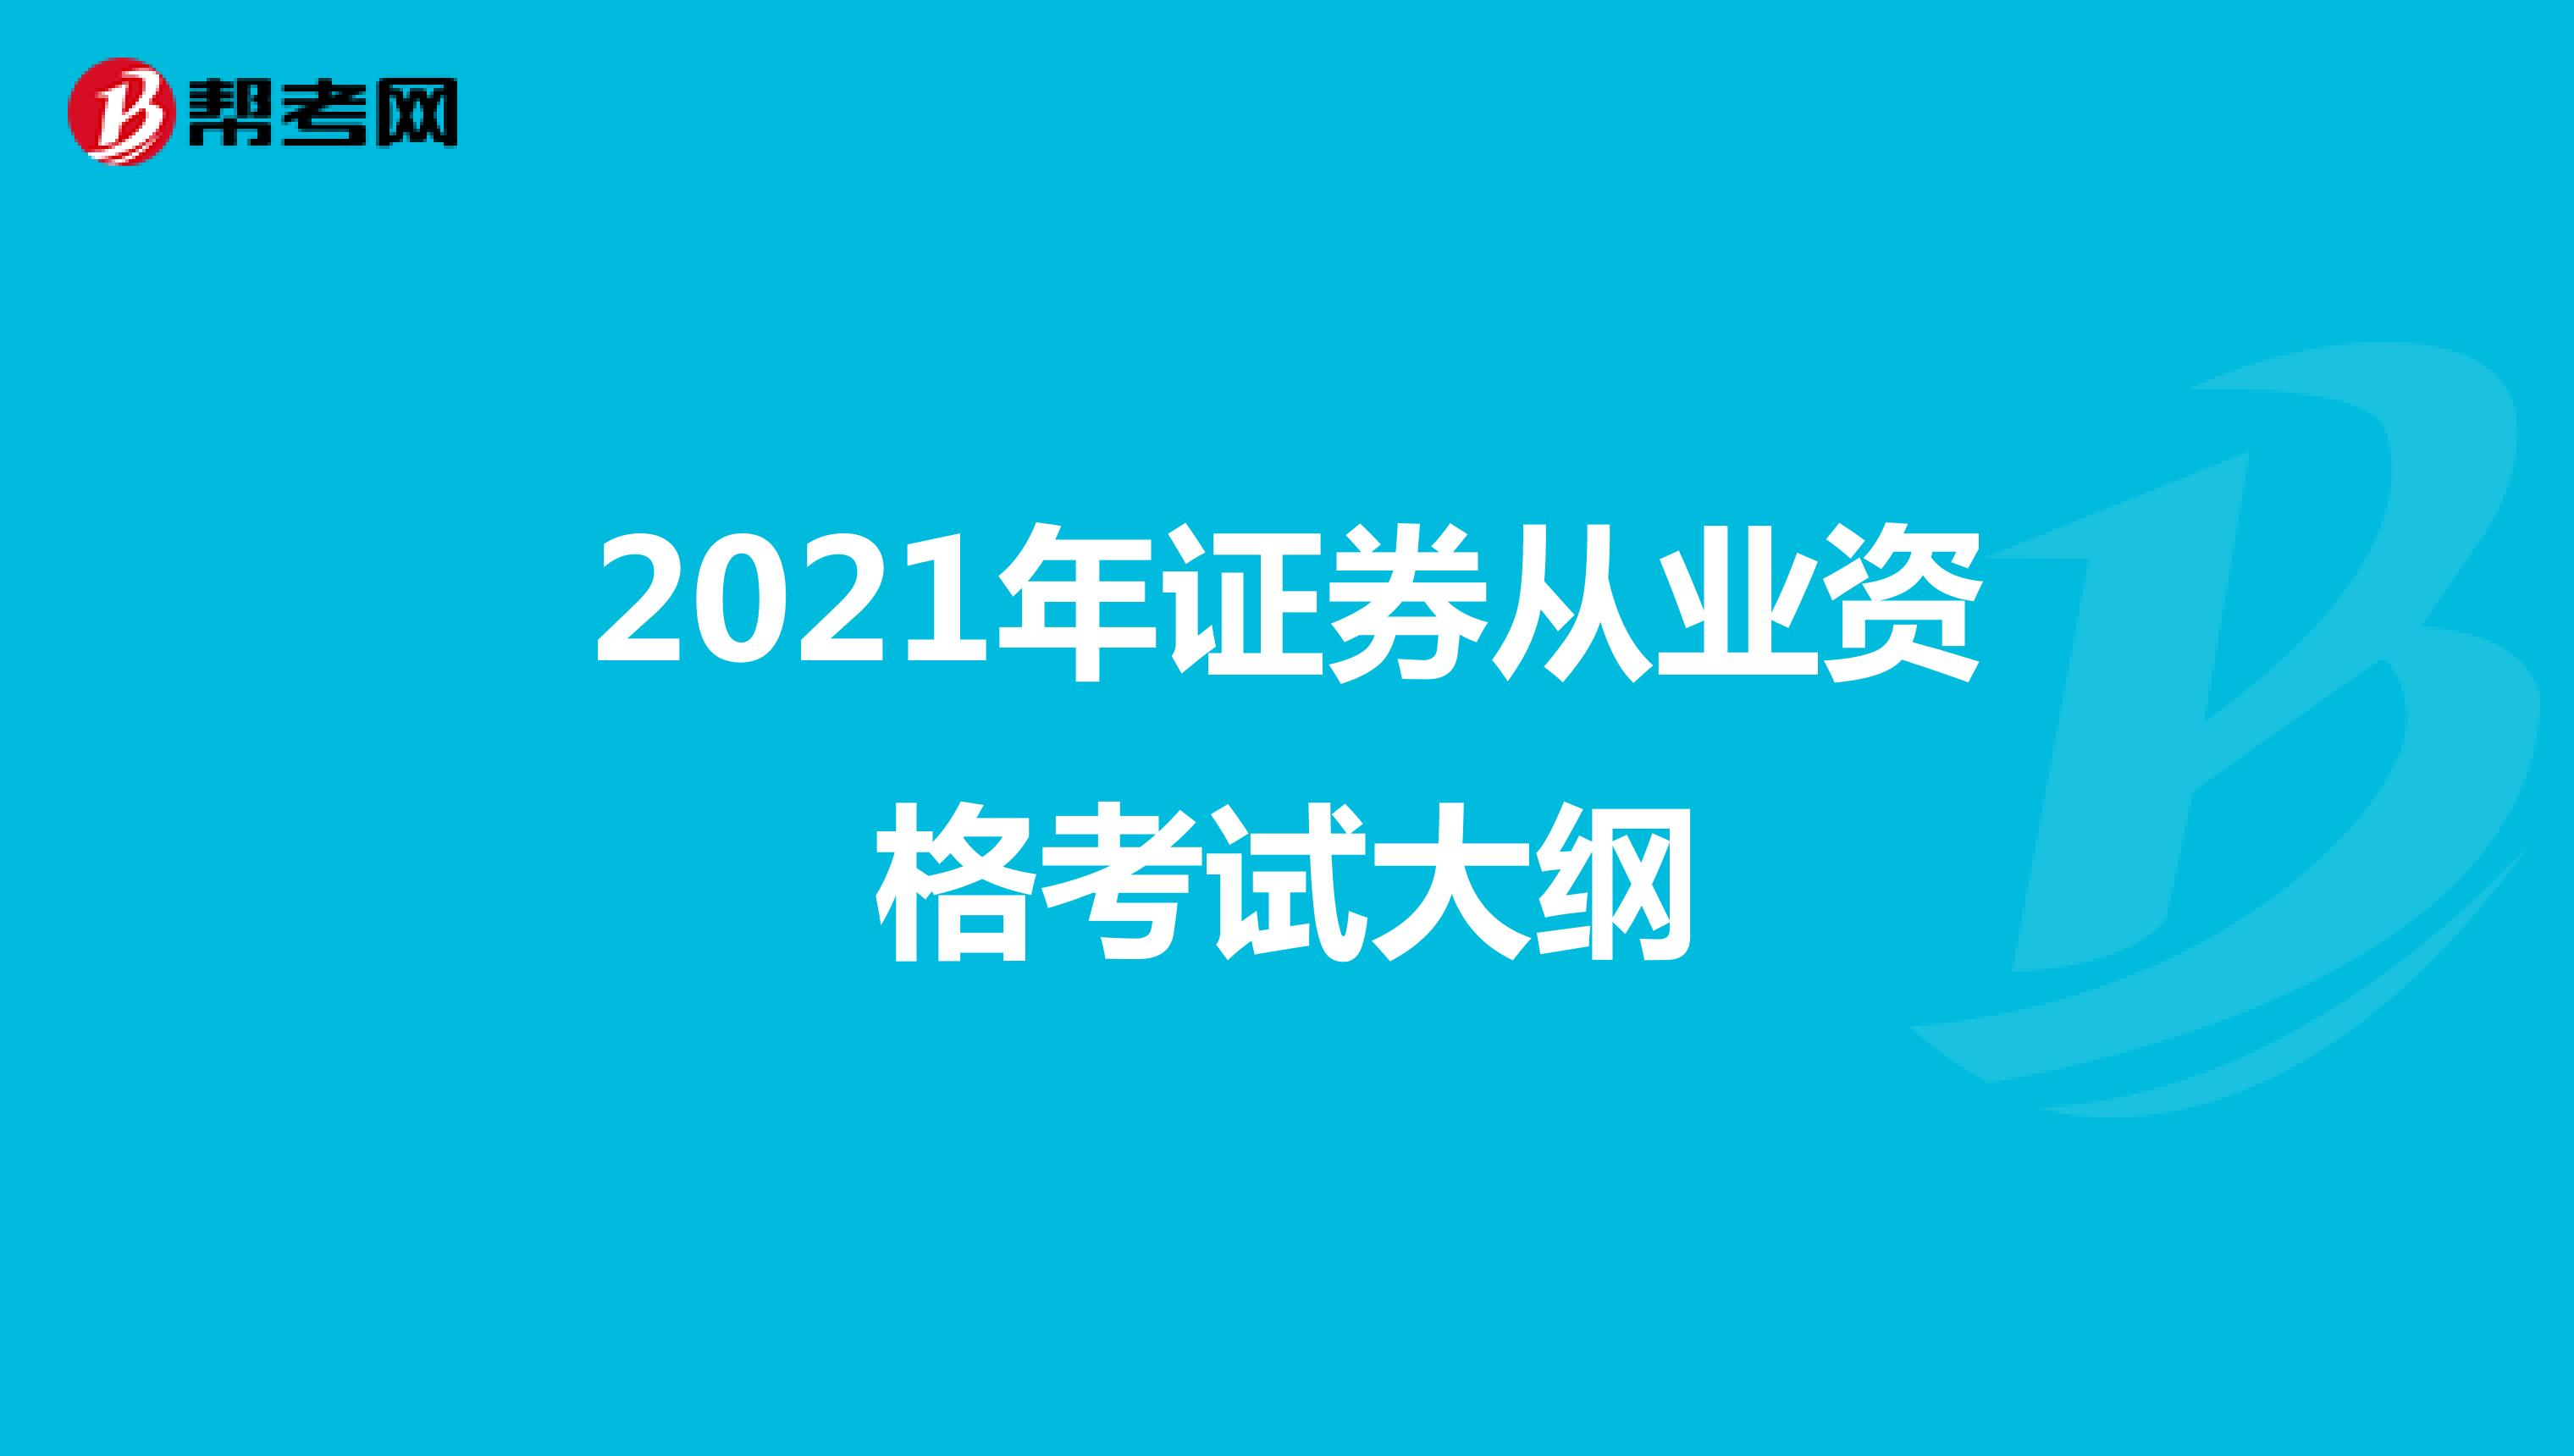 2021年證券從業資格考試大綱